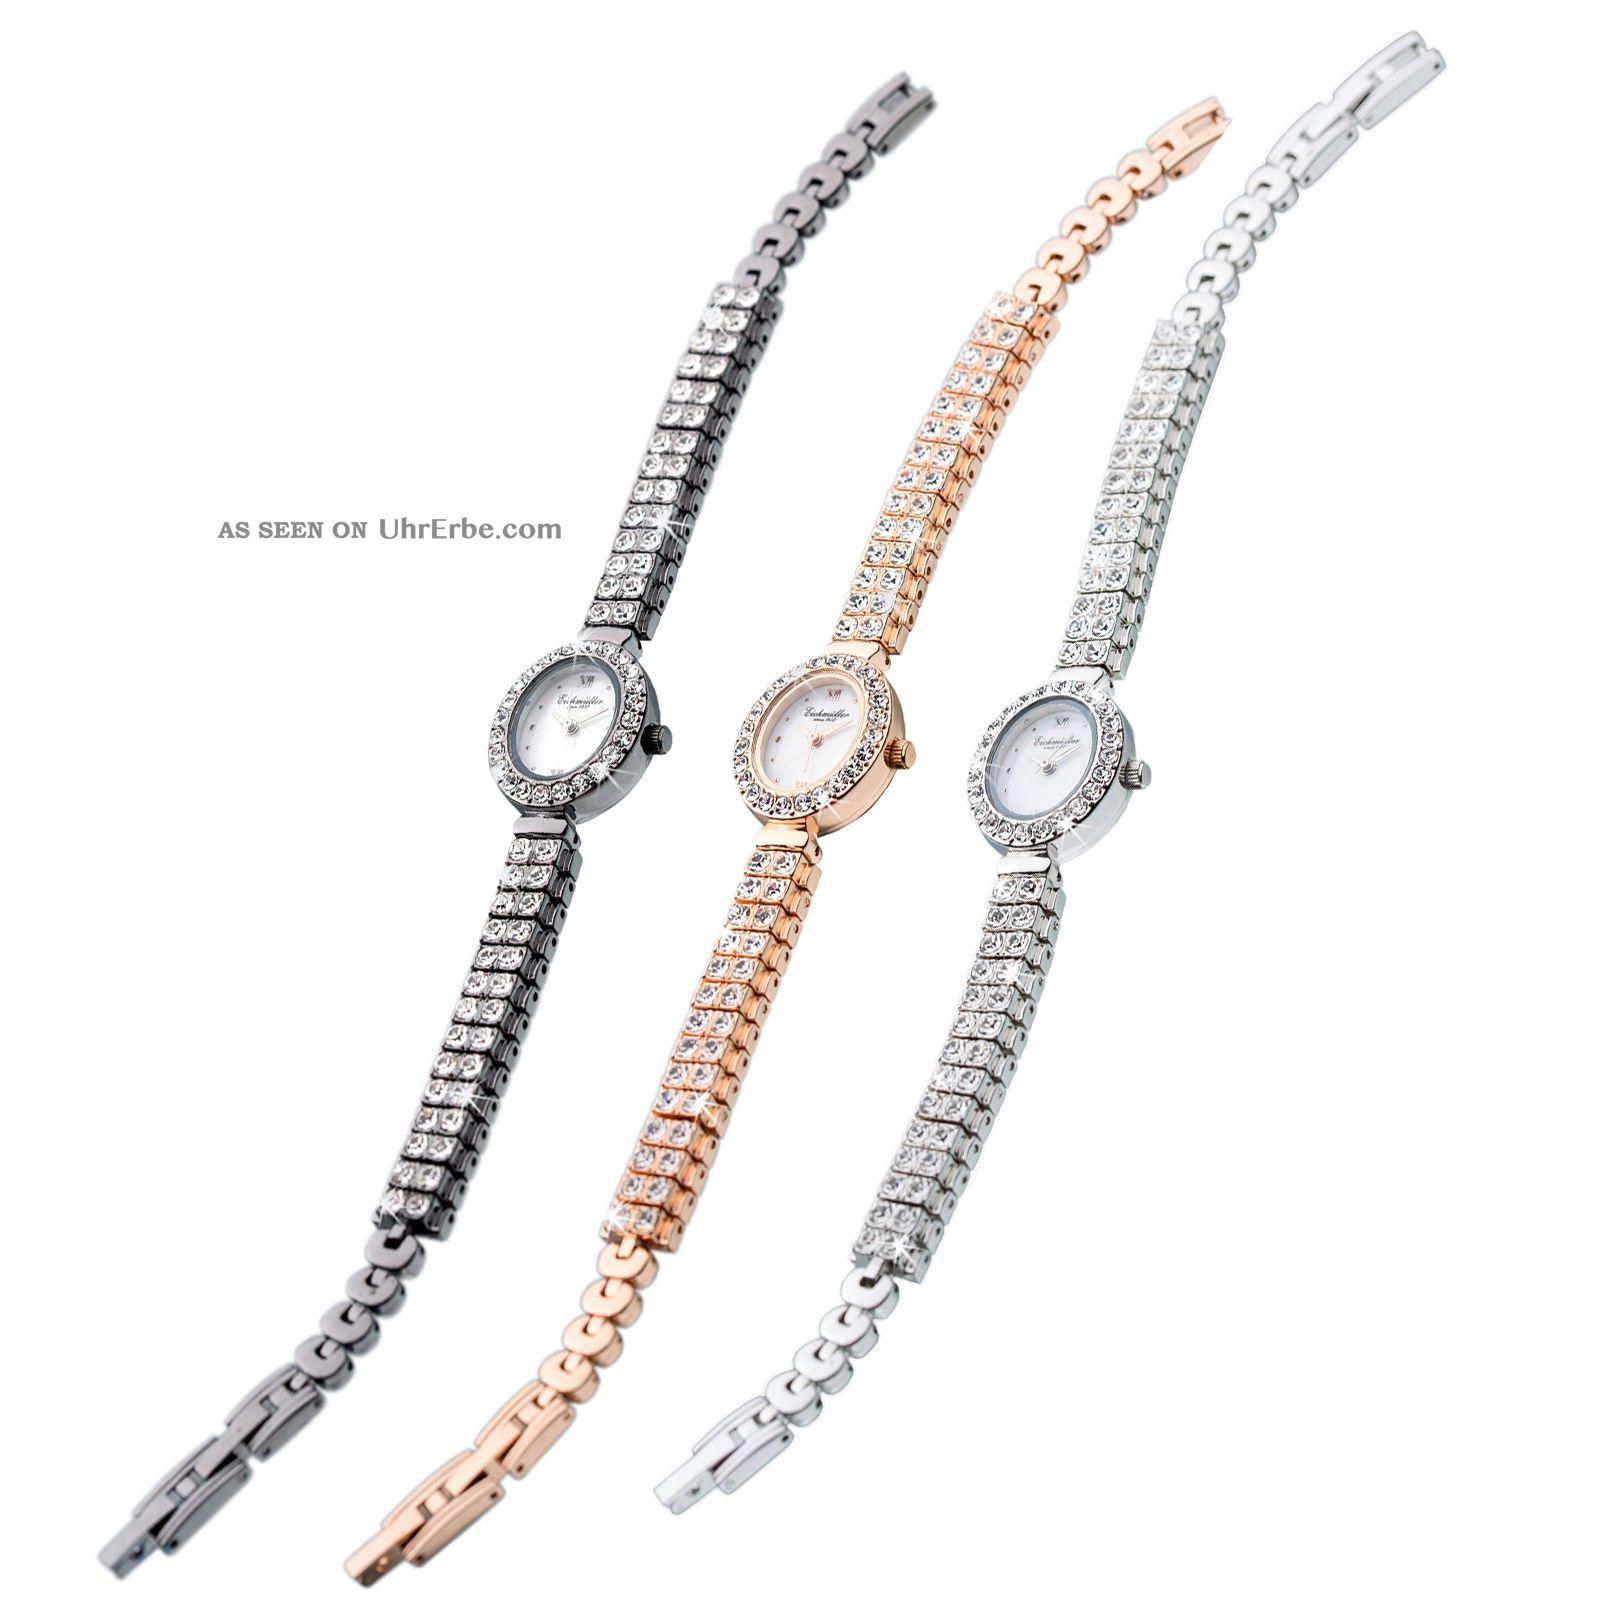 Damen Schmuckbanduhr Uhr Edelstahl Similisteine Starsssteine Verschiedene Farben Armbanduhren Bild